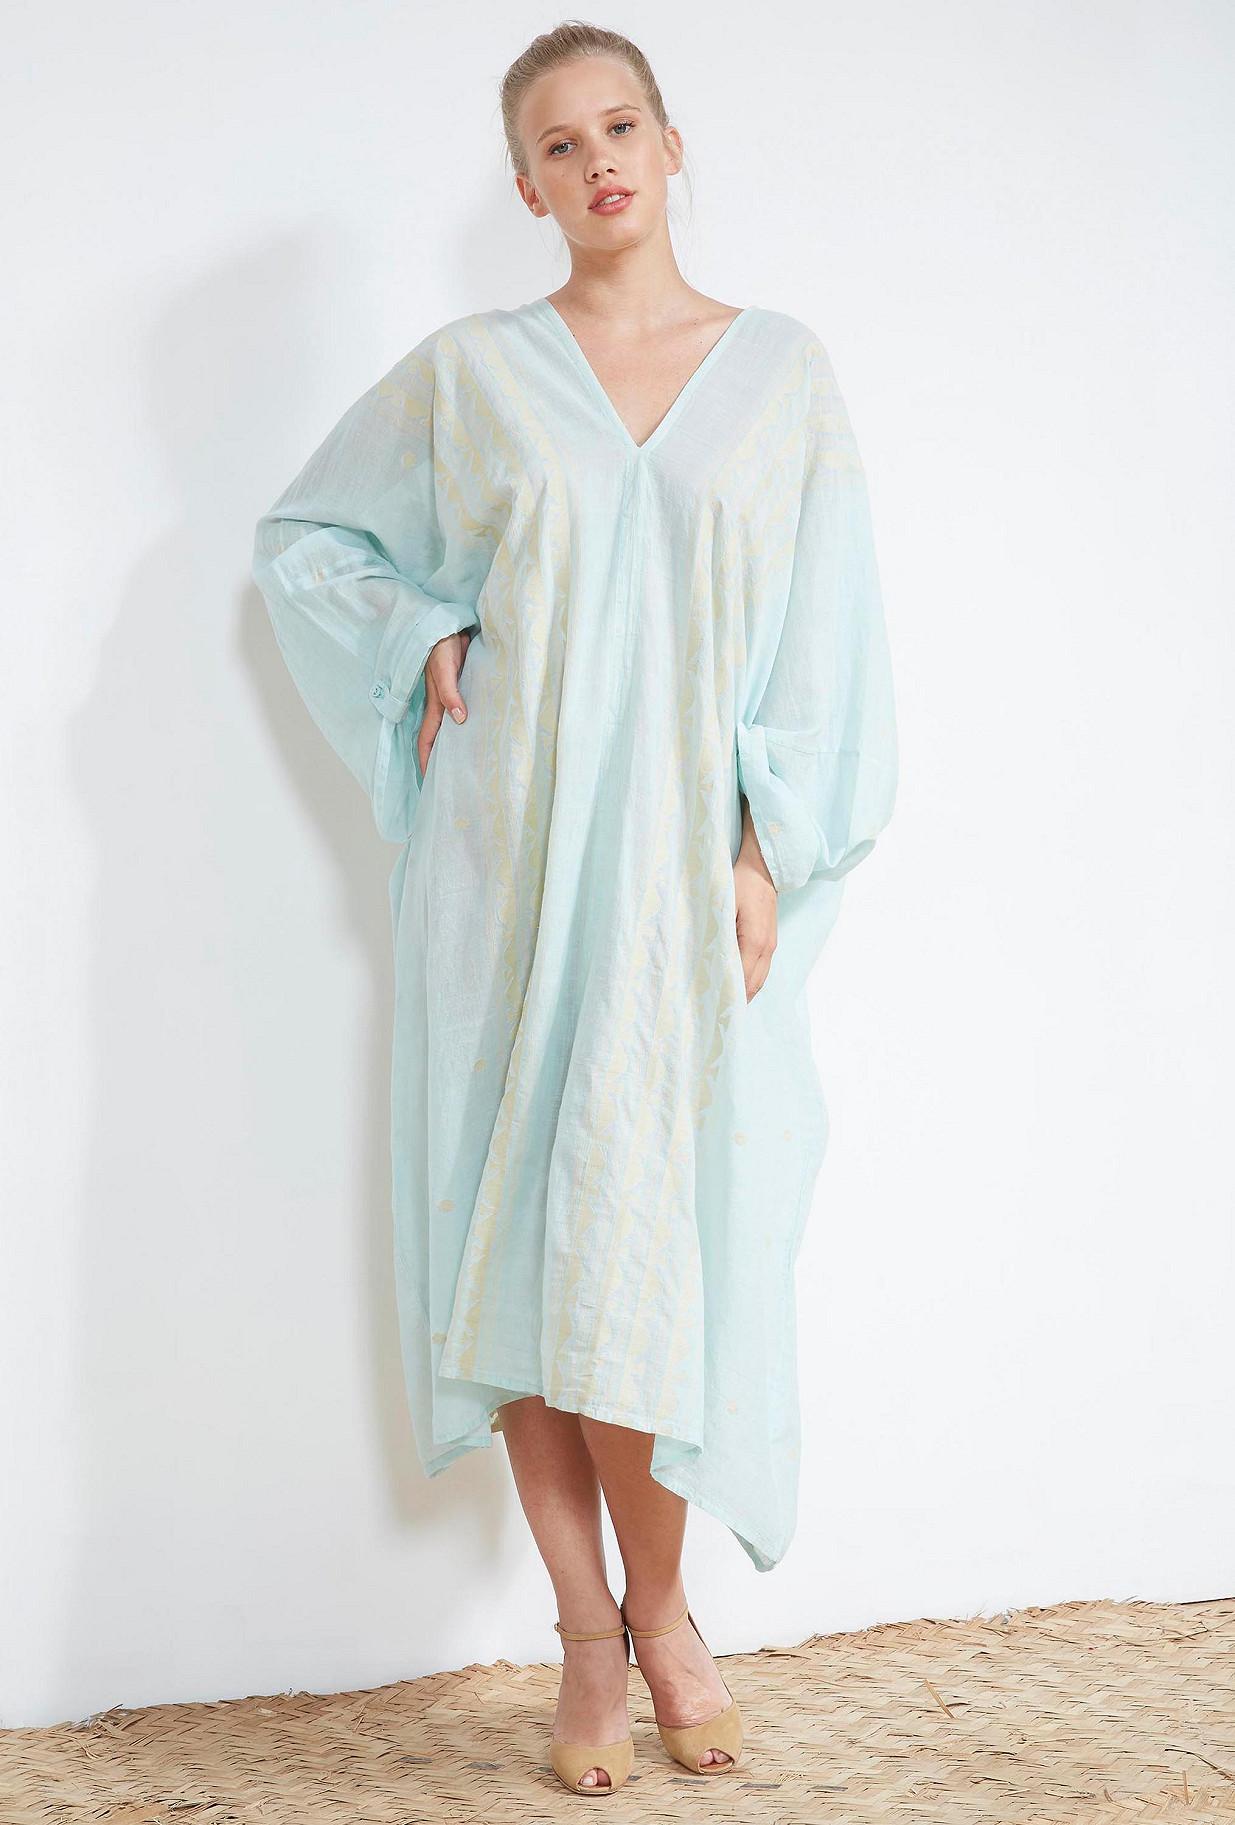 clothes store KIMONO  Thebes french designer fashion Paris